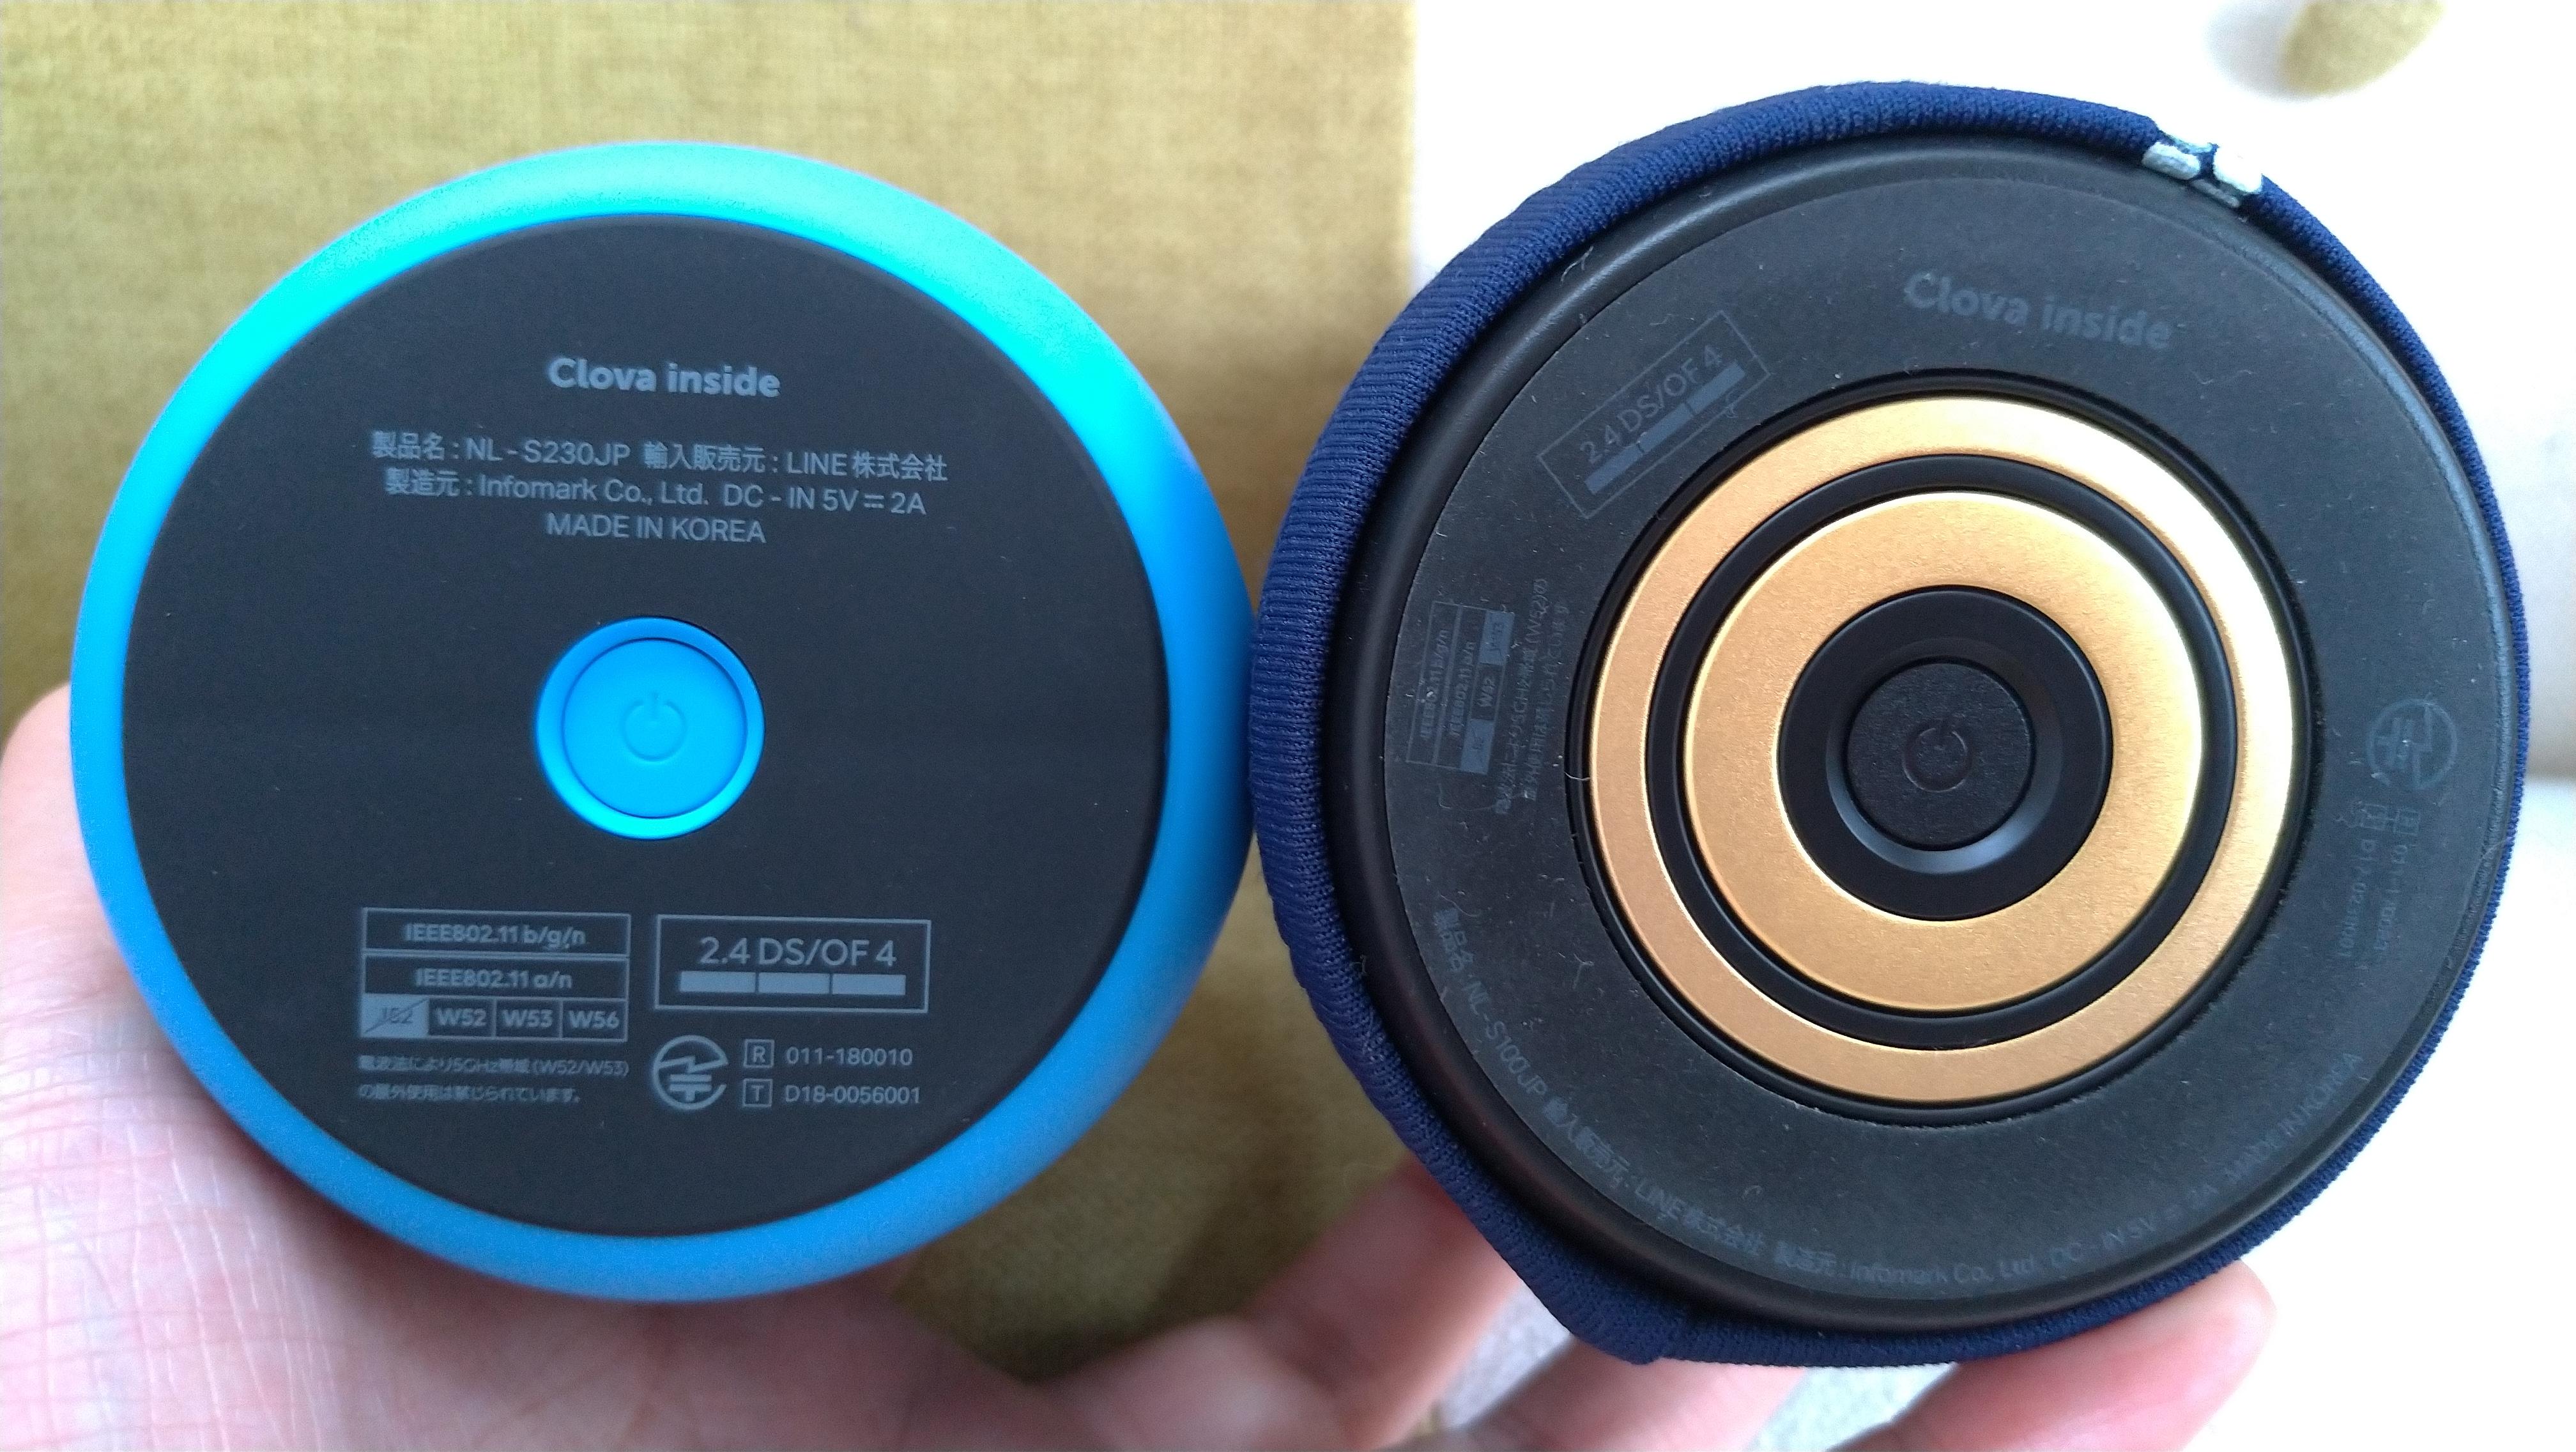 Clova Friends miniの底面には電源ボタン